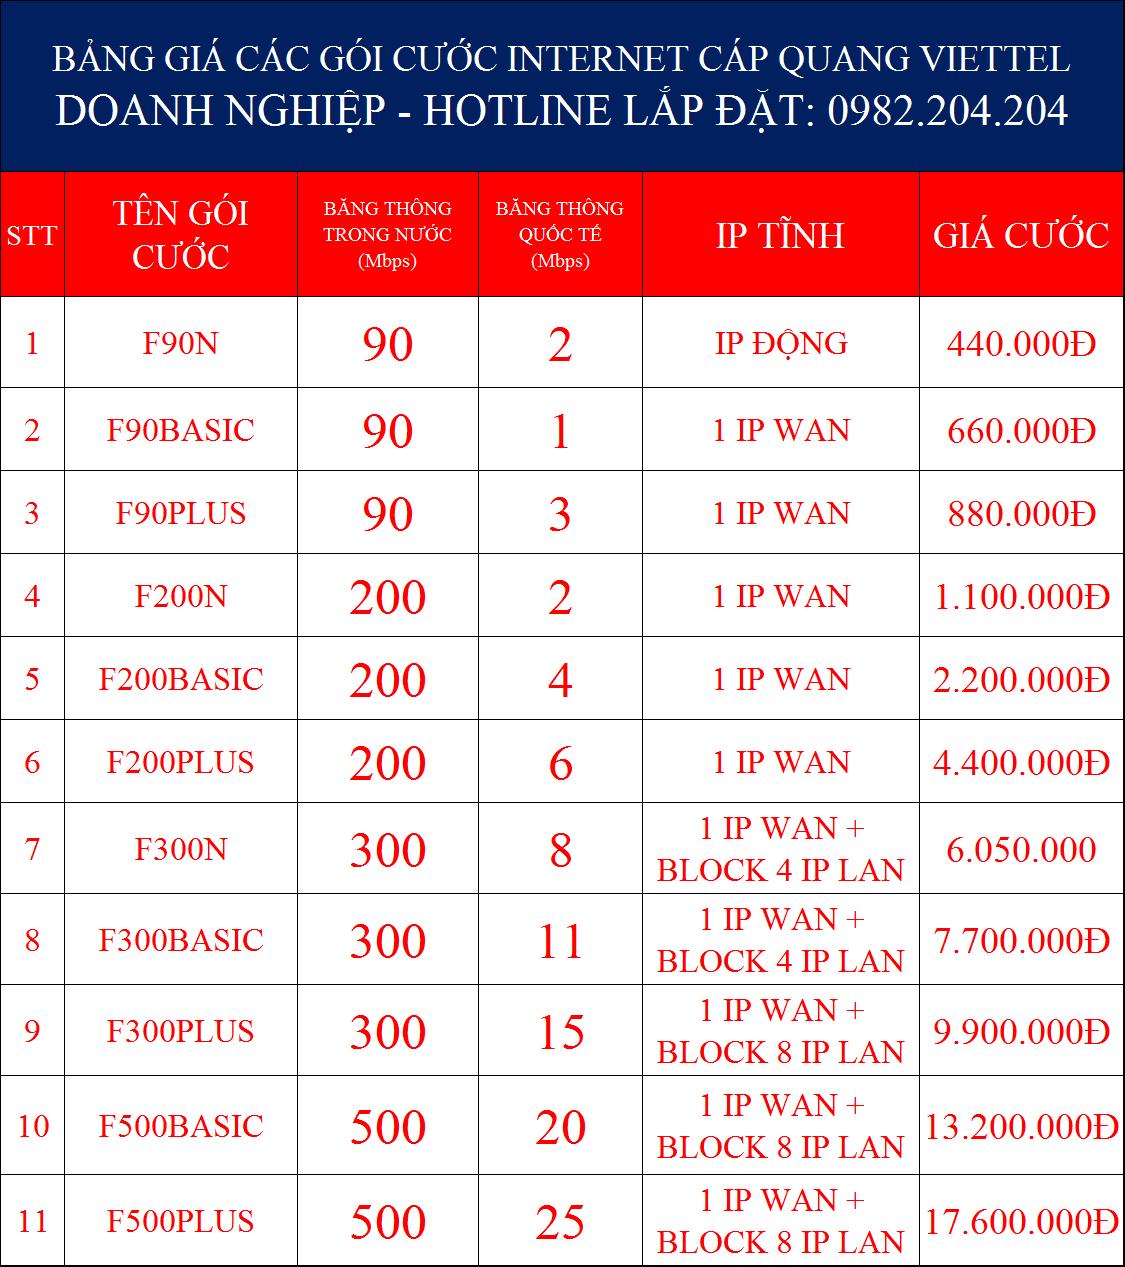 Bảng giá các gói cước internet cáp quang doanh nghiệp Viettel